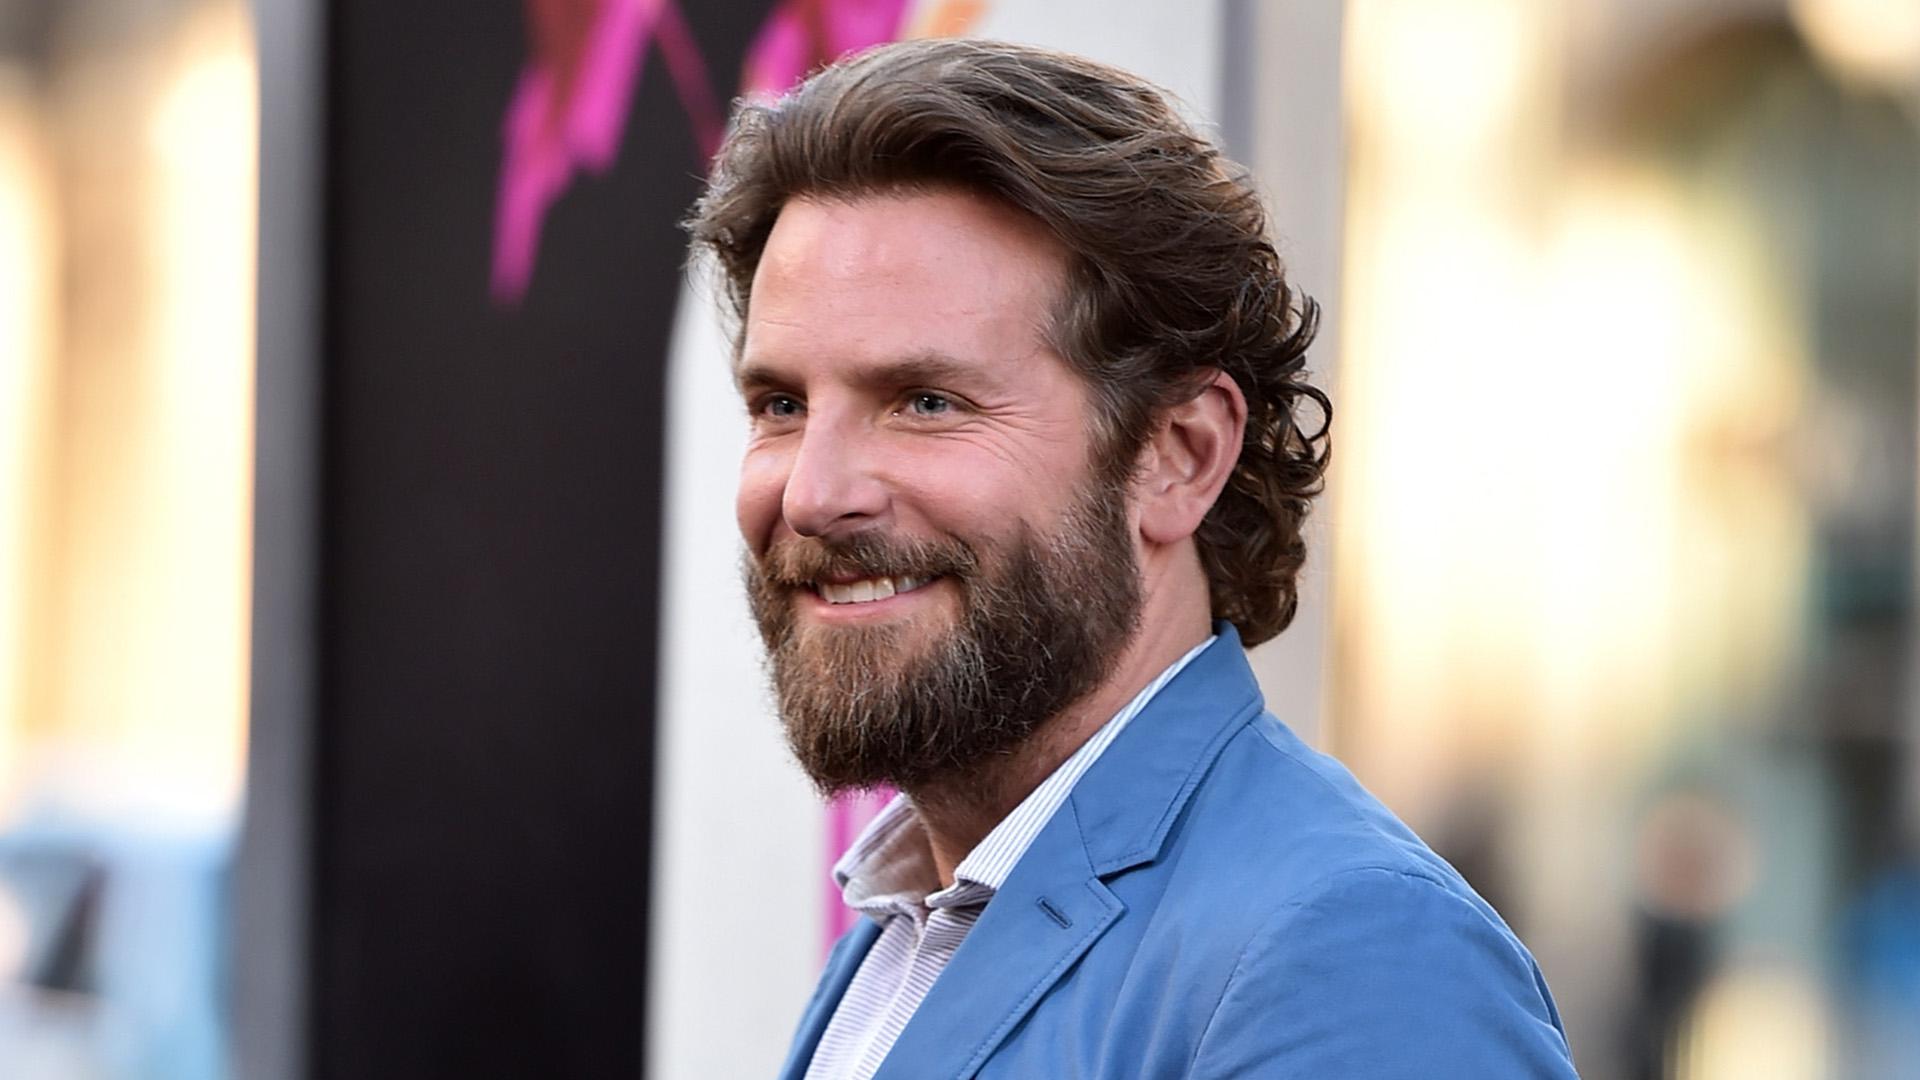 Bradley Cooper's man bun is back — see the look!